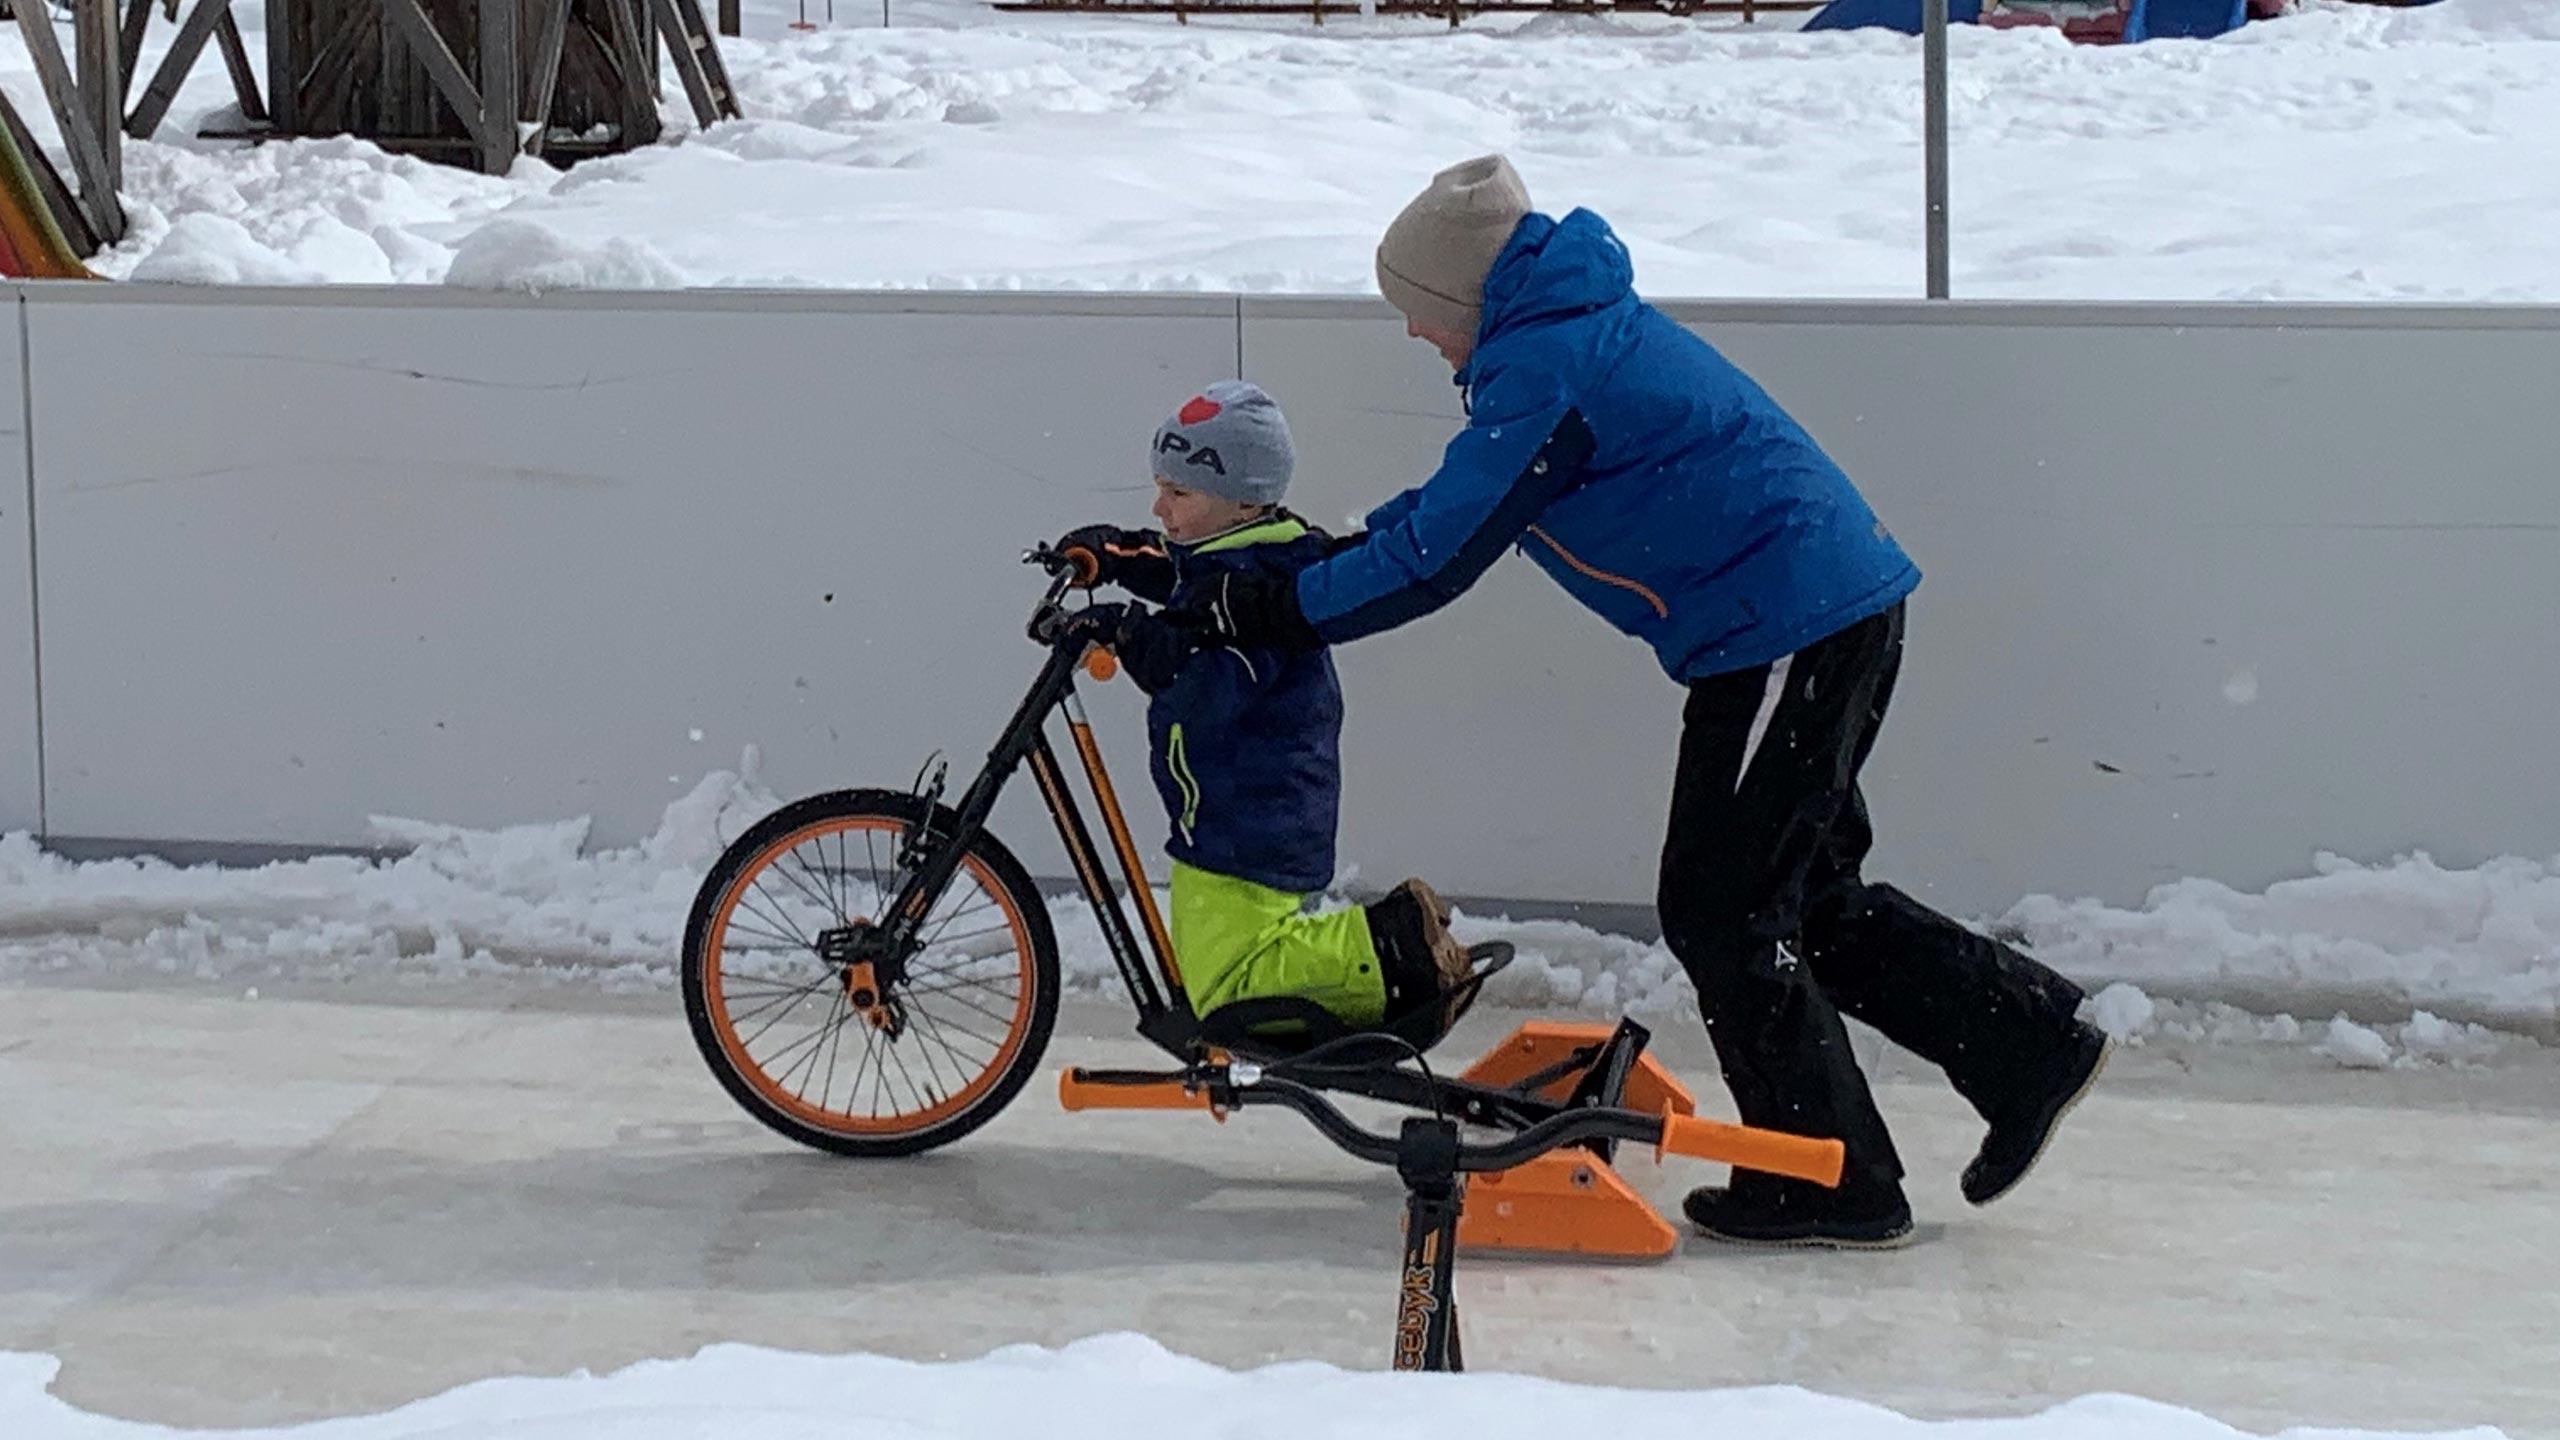 ice-bike-spass-synthetische-eisbahn-glice-beatenberg.jpg